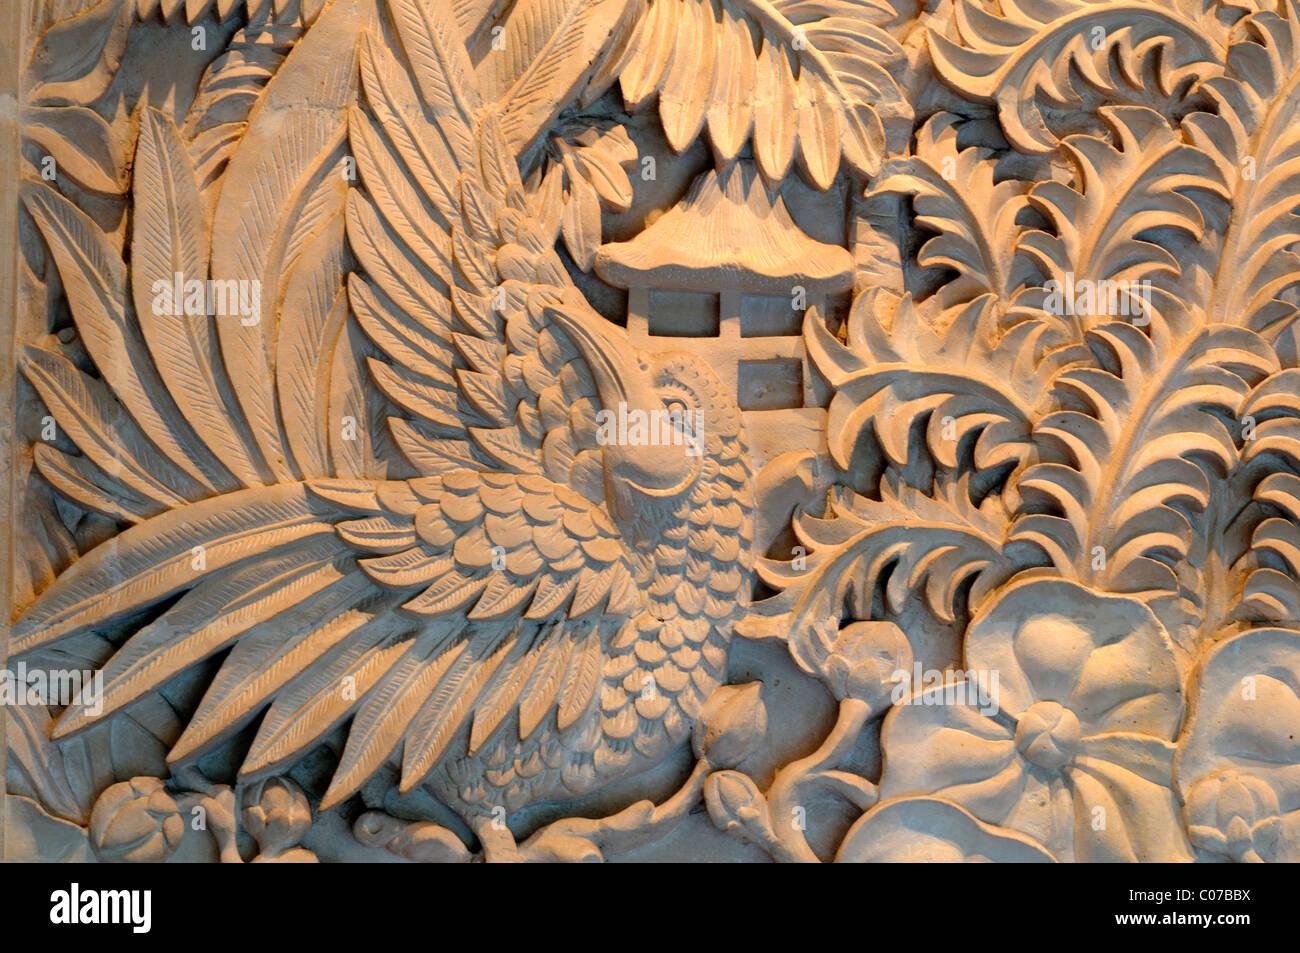 Javan hawk eagle spizaetus bartelsi wall plaster relief